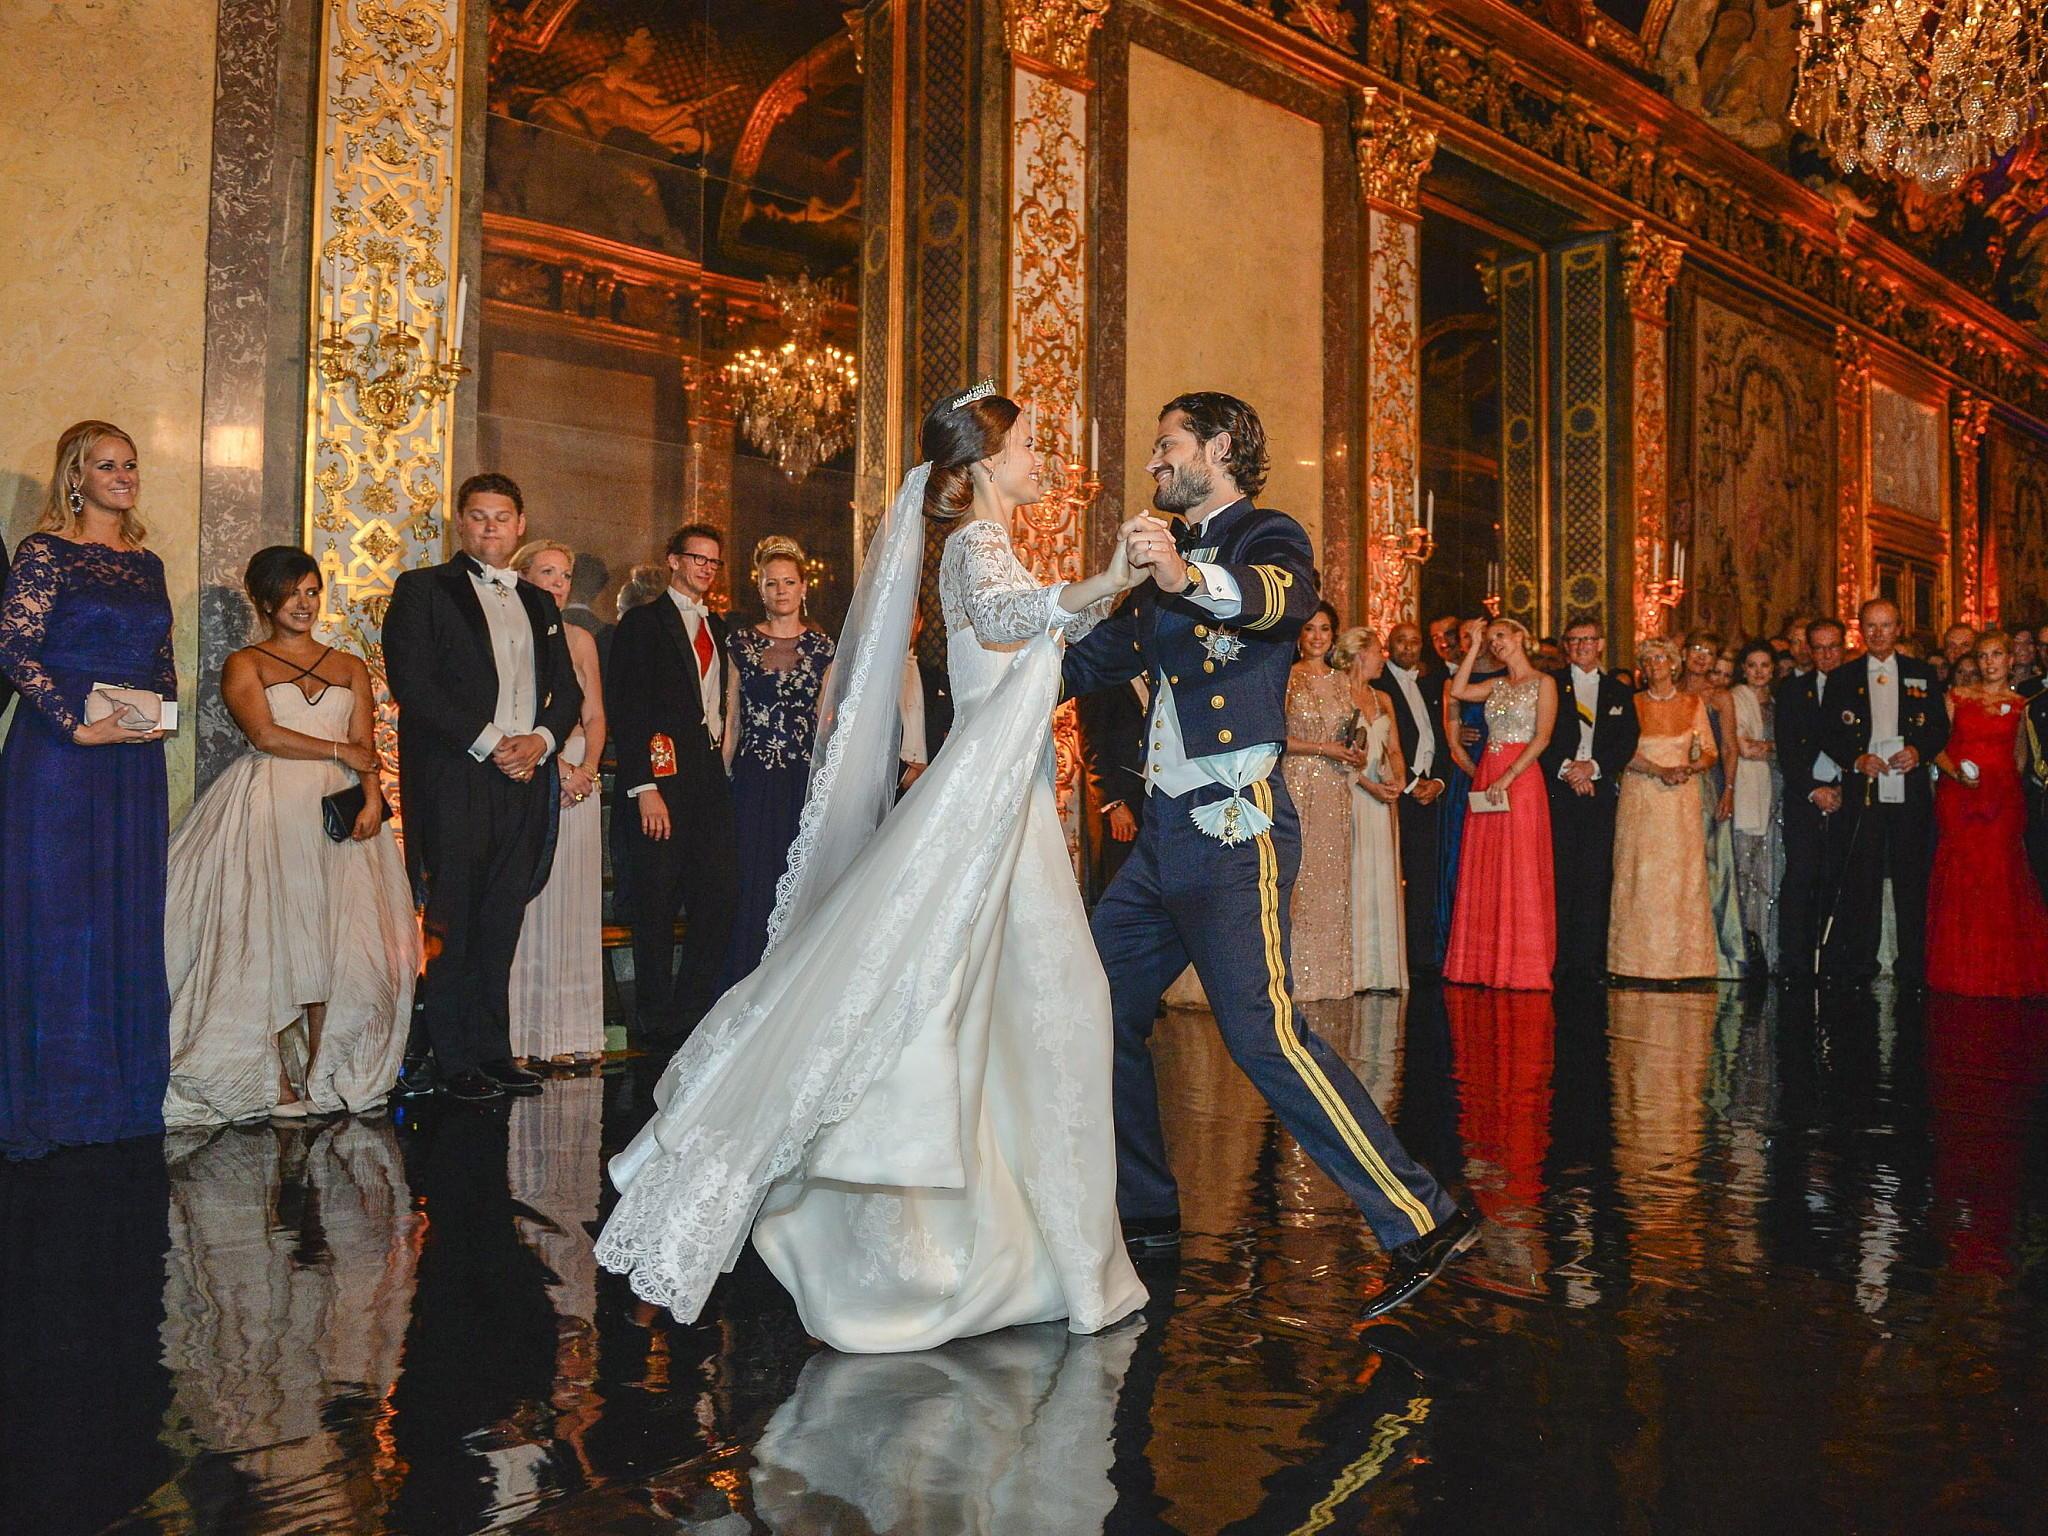 Официальные фото со свадьбы принцессы Мадлен и. - Сплетник 41